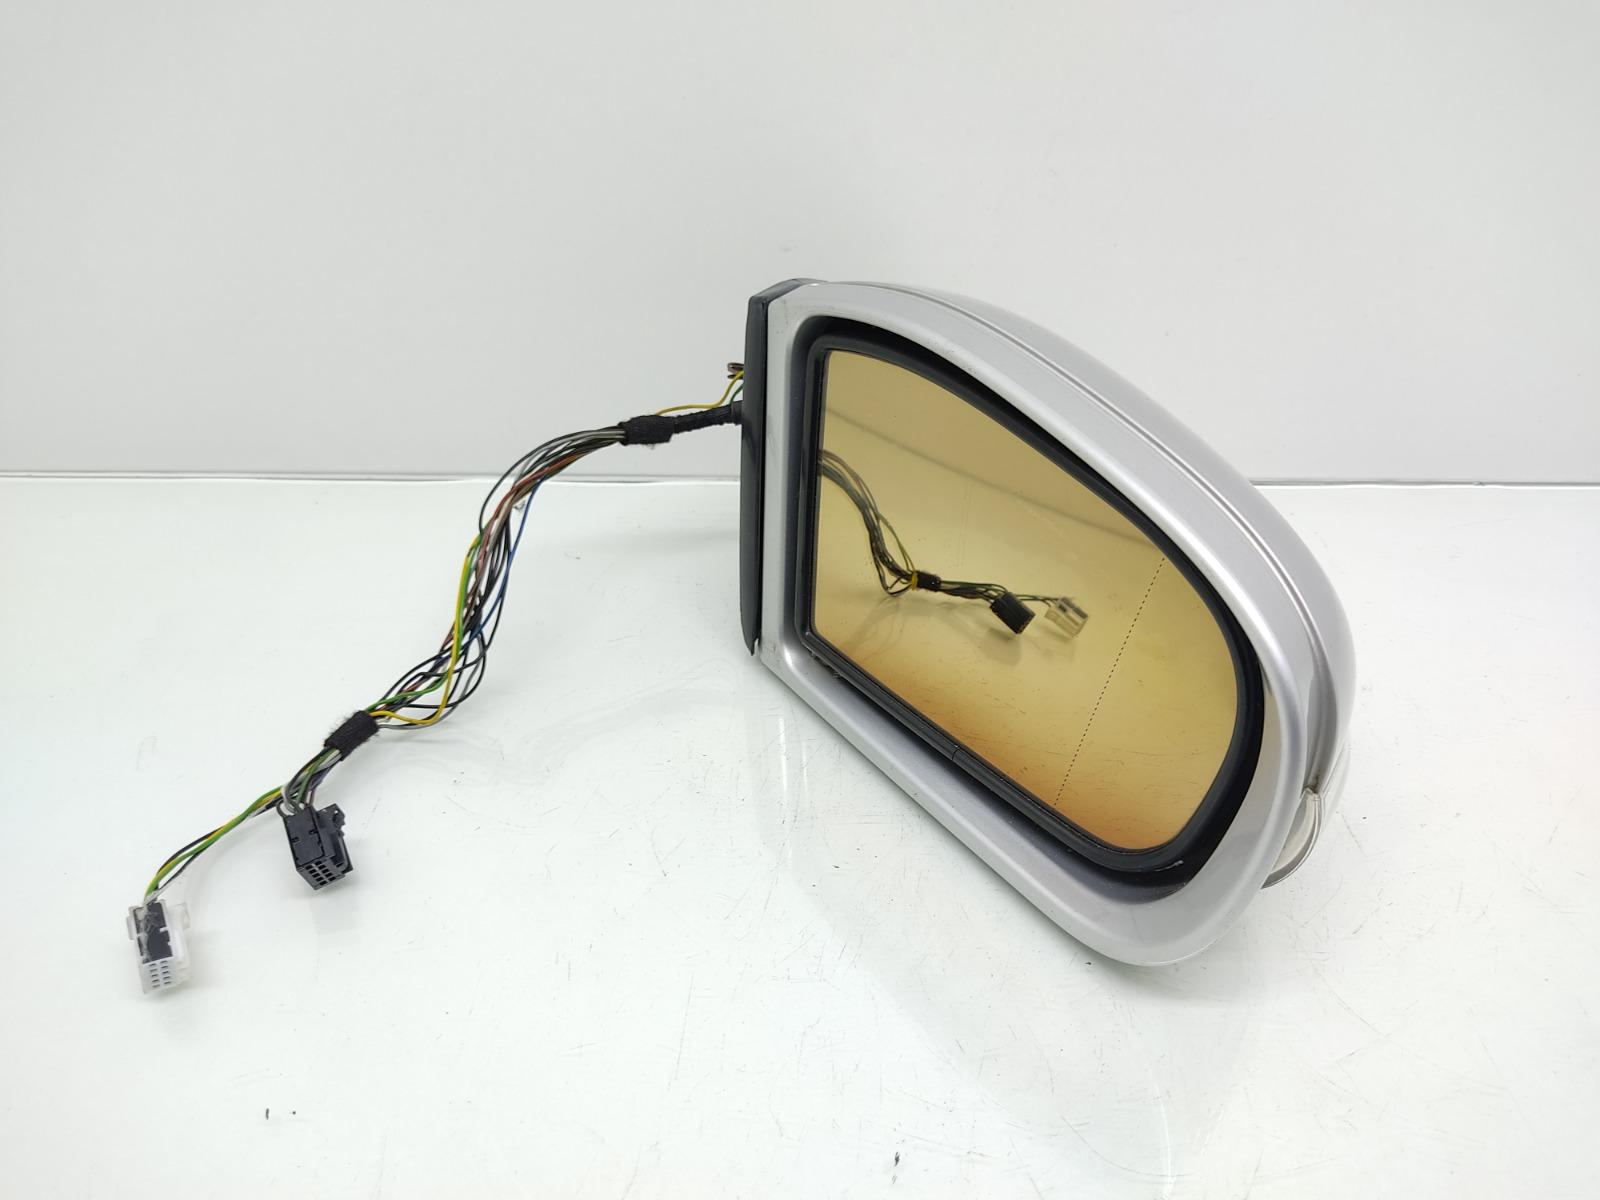 Зеркало наружное правое Mercedes E W211 2.7 CDI 2005 (б/у)